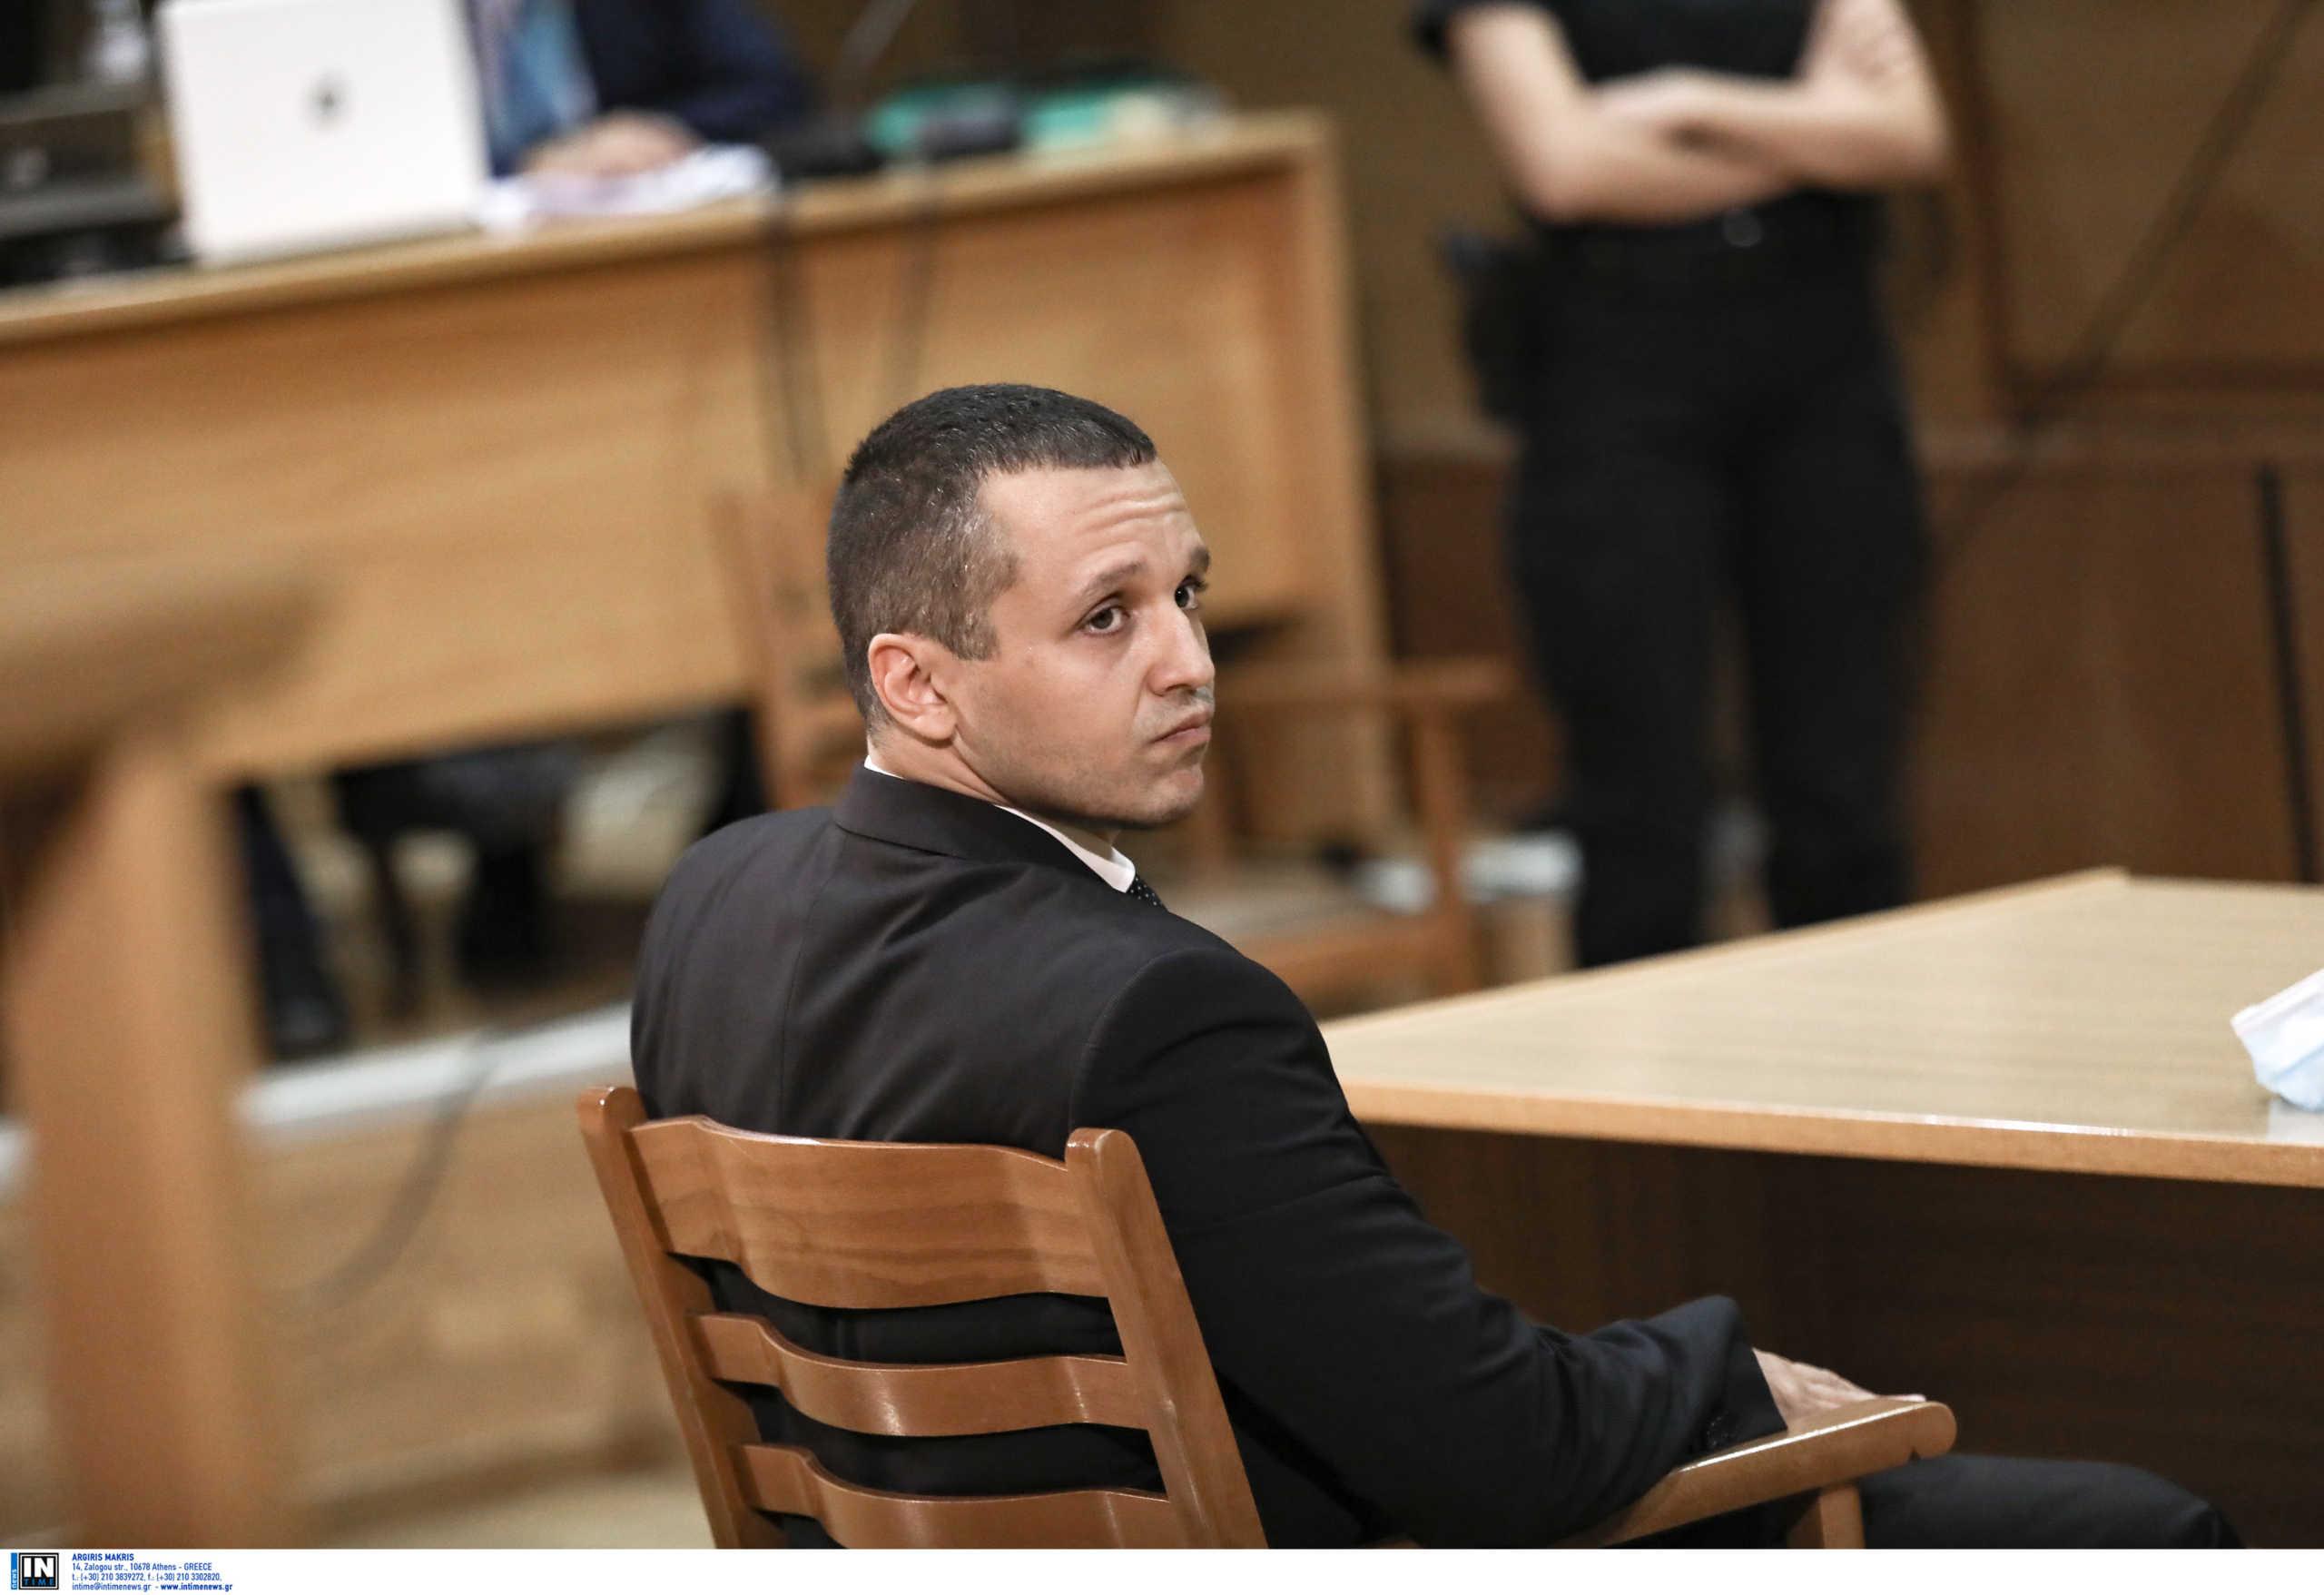 Κασιδιάρης στους δικαστές: «Είμαι αθώος! Δεν είναι δυνατόν να με κρίνετε με 20.000 βίαιους διαδηλωτές απέξω»